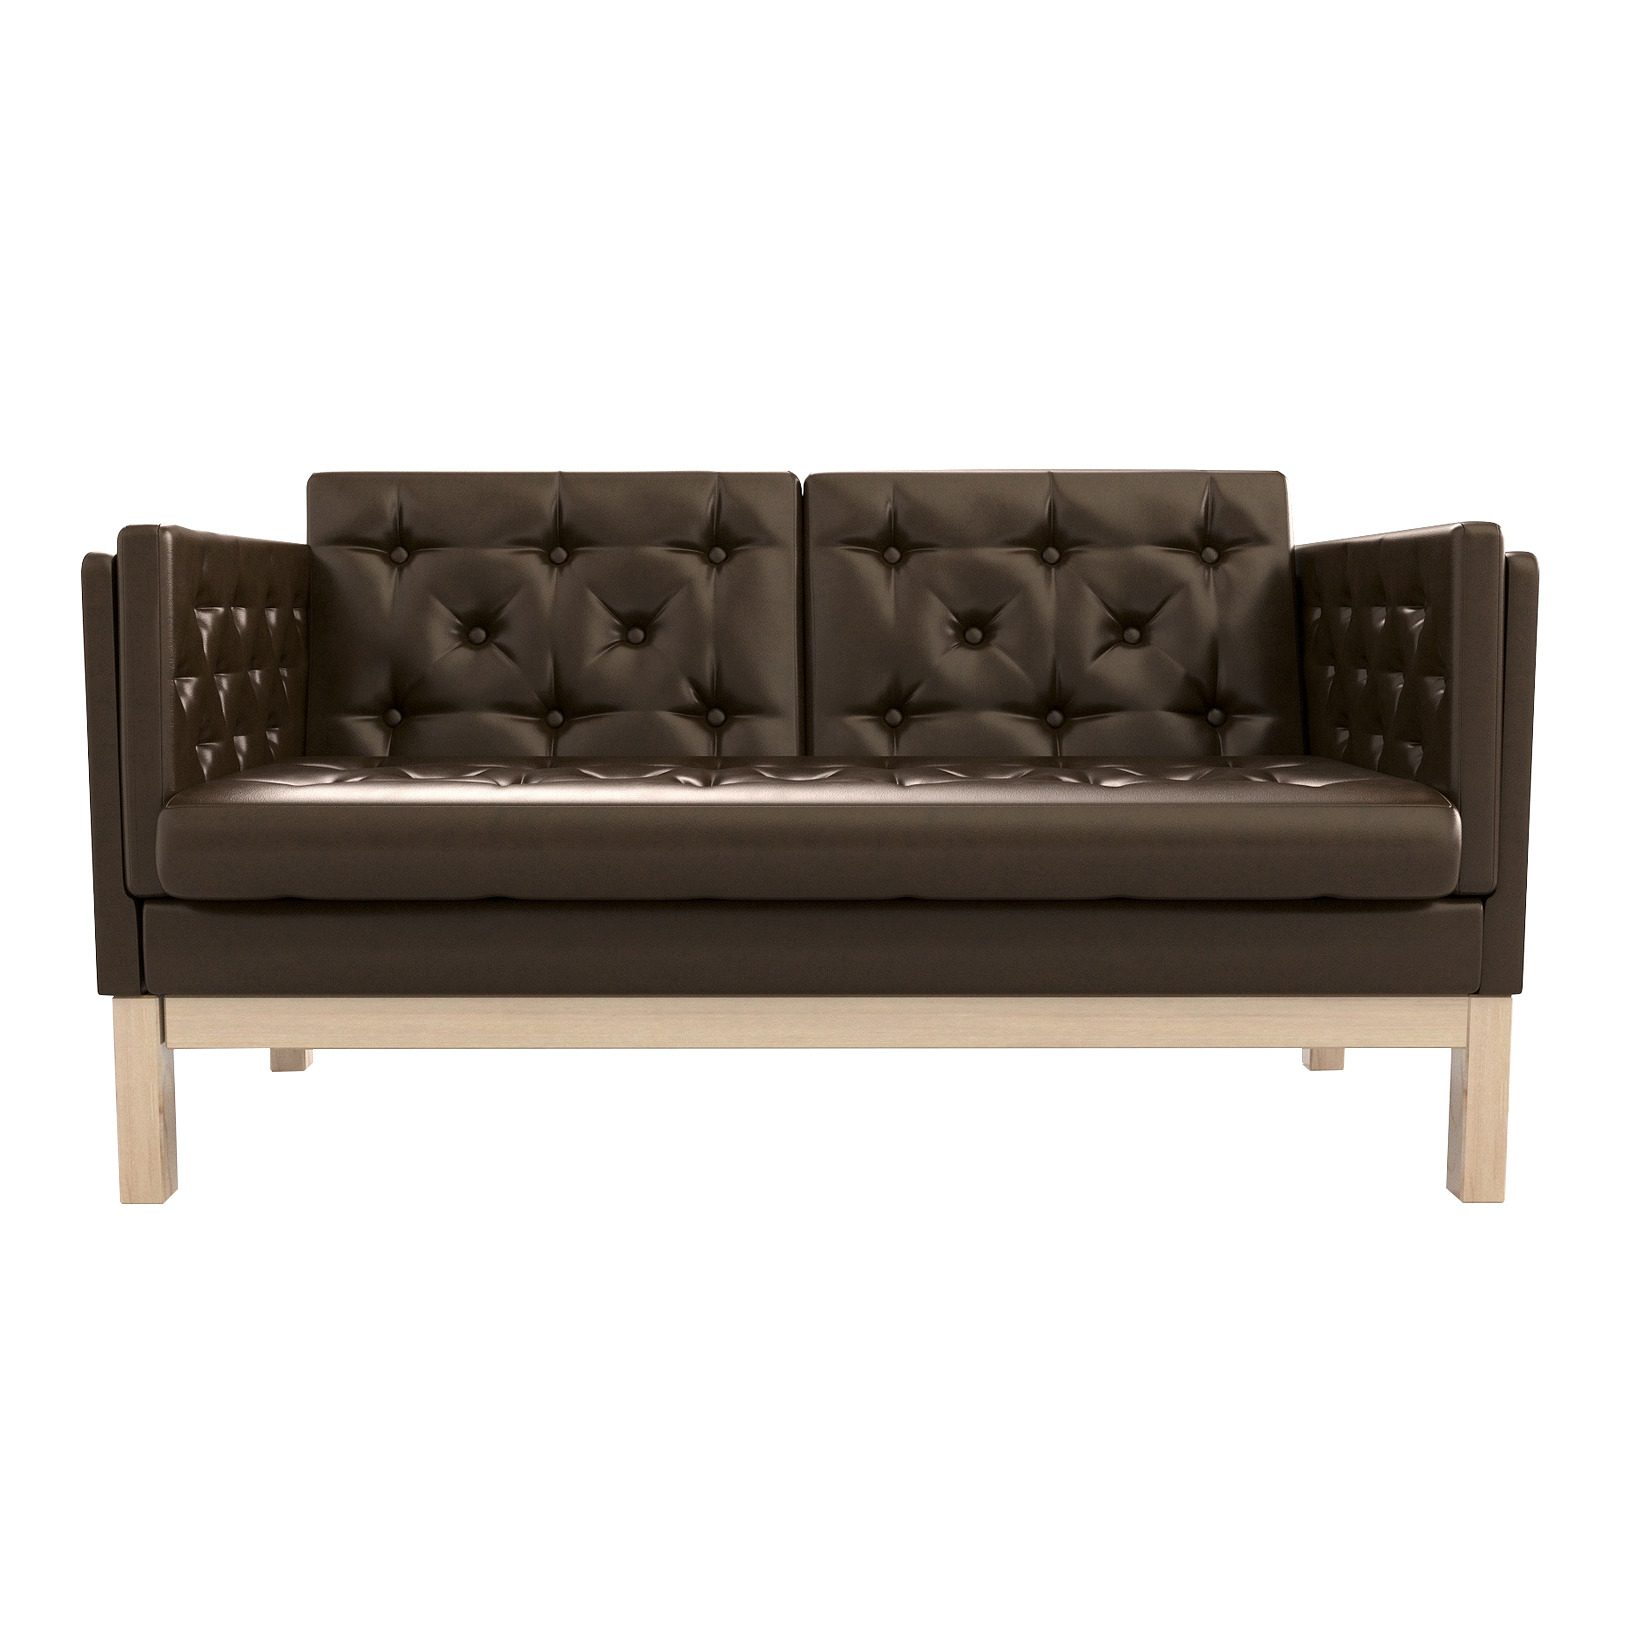 Фото - Диван AS Алана м 154x82x83 сосна/коричневый диван as алана м 154x82x83 сосна коричневый